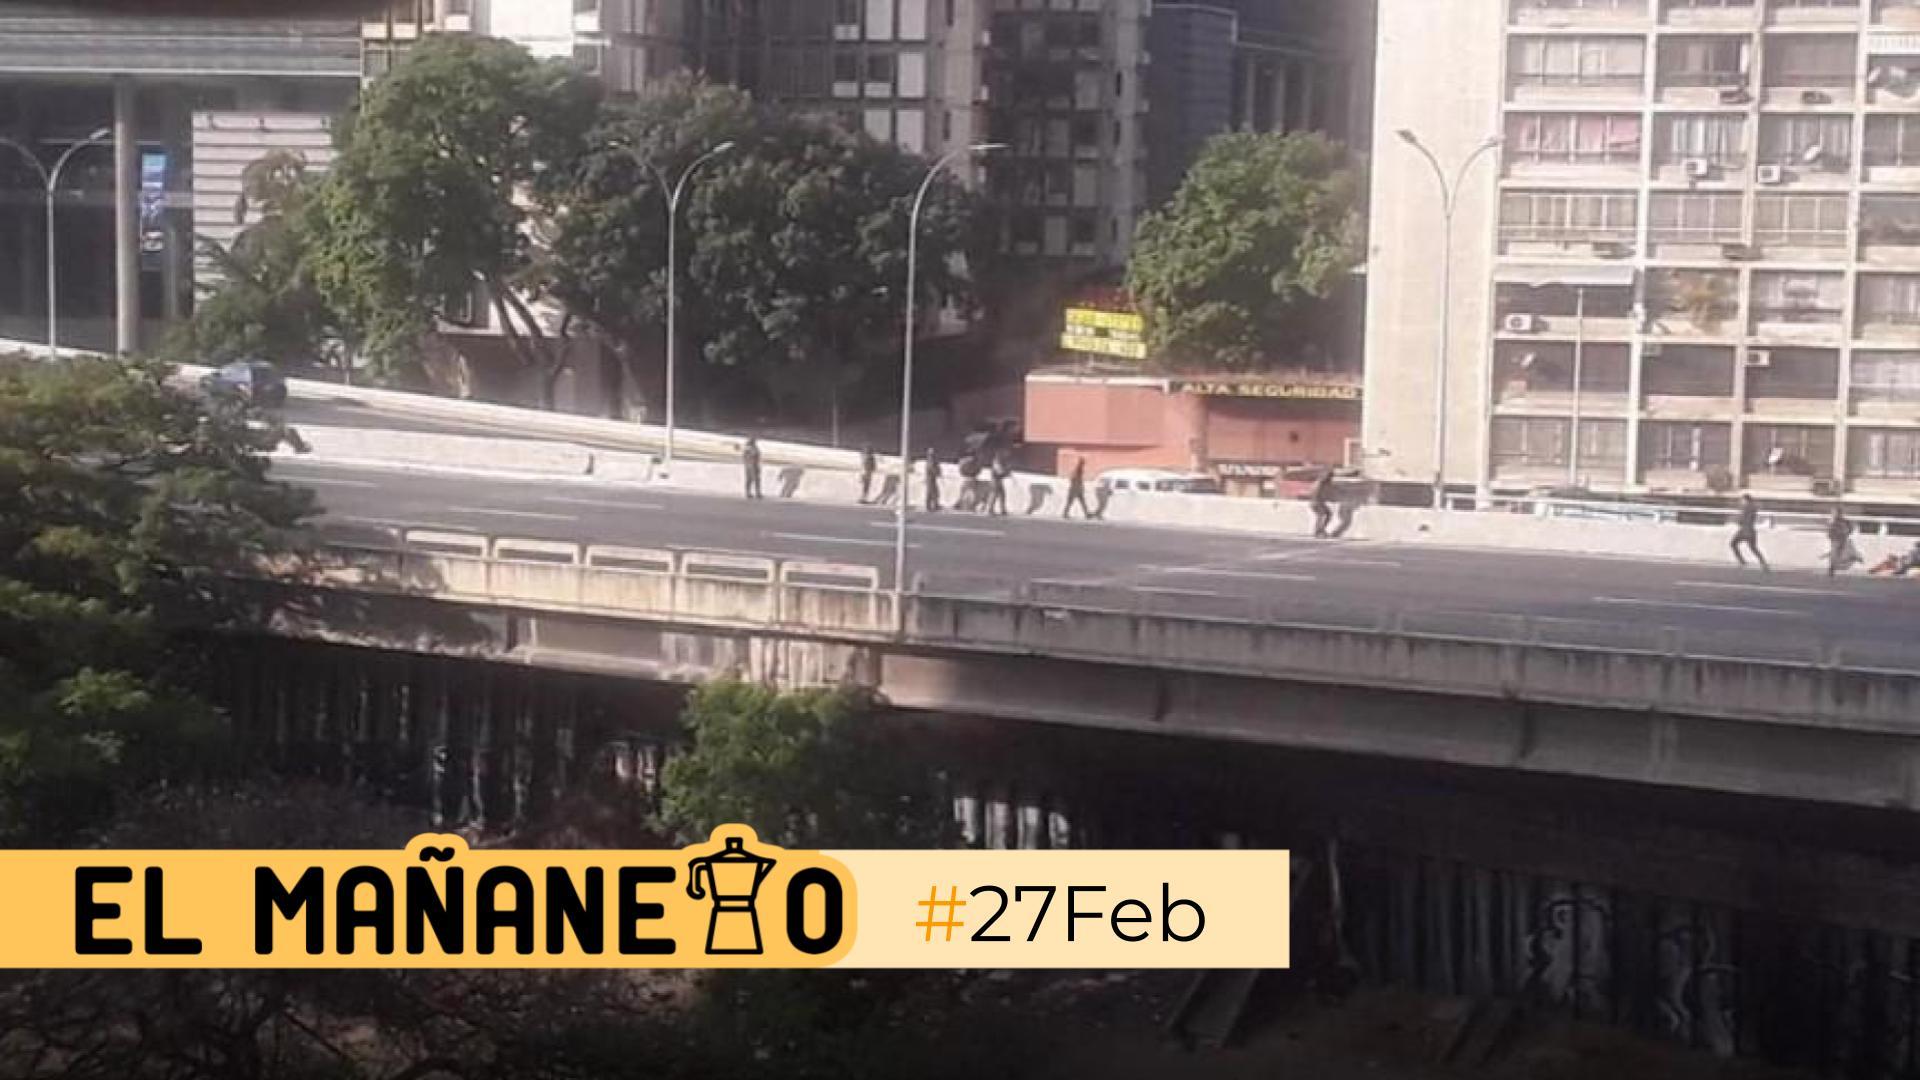 El Mañanero de hoy #27Feb: Las 8 noticias que debes saber